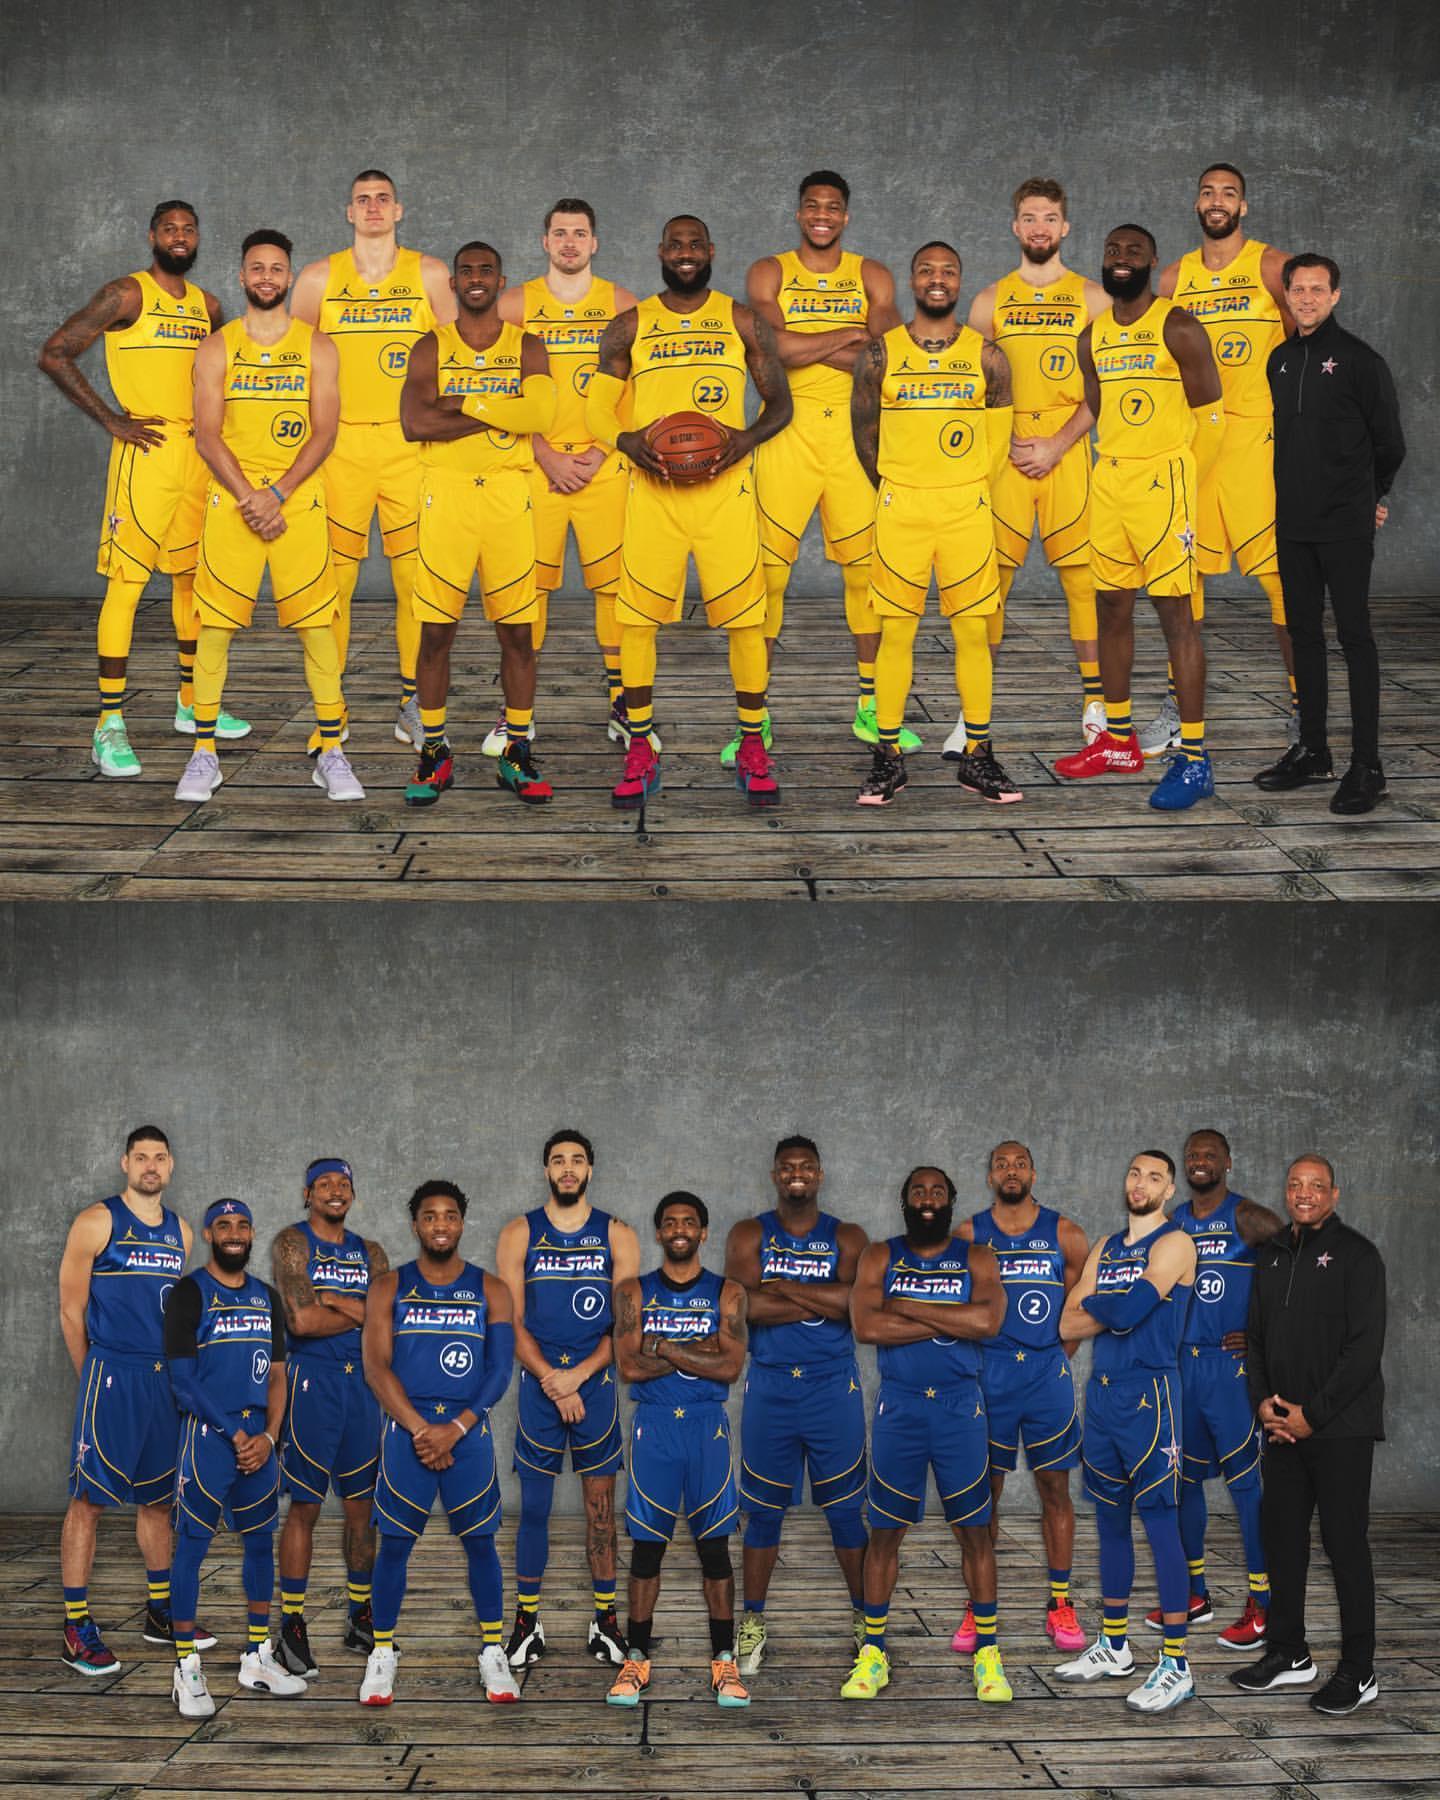 以假乱真!NBA官方发布今年全明星詹杜战队数字合成大合照